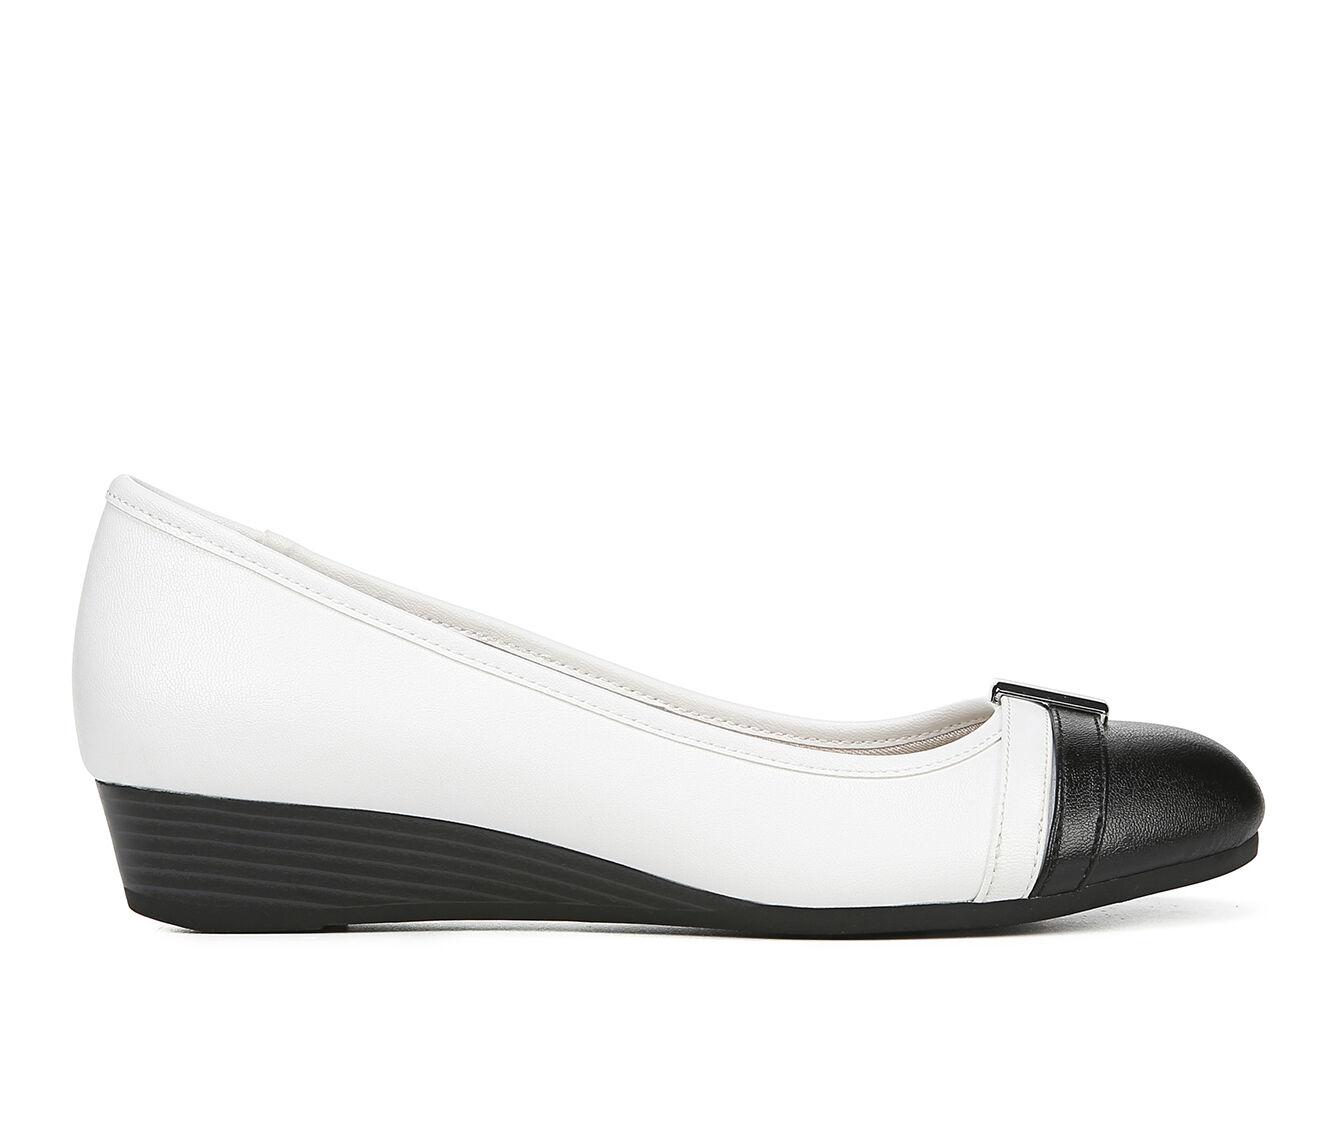 Top Quality Women's LifeStride Frances Shoes Black / White